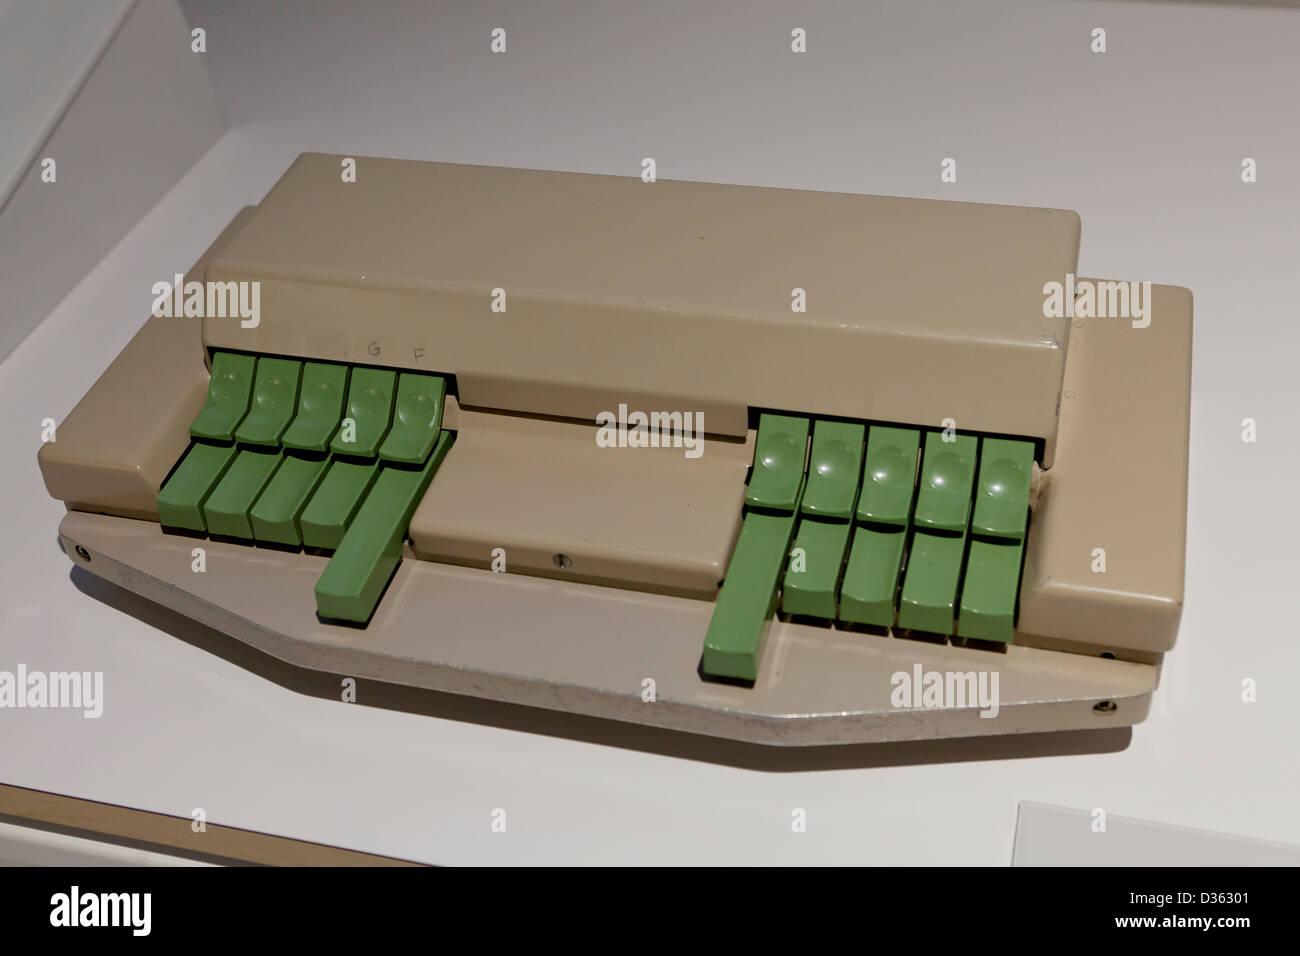 Vintage MPLSM keyboard - Stock Image